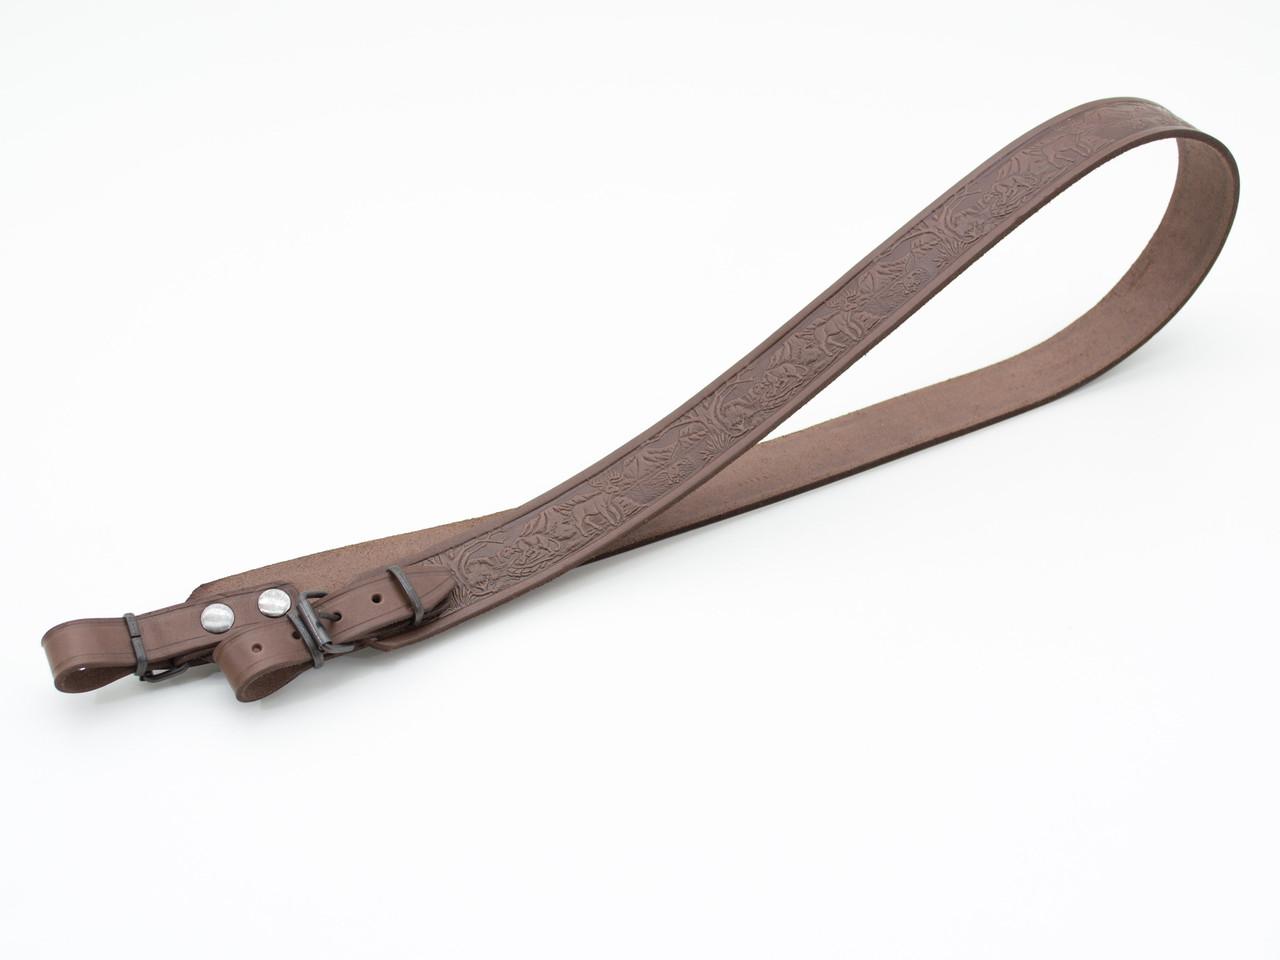 Ремень для ружья прямой тисненый оленями кожаный коричневый 5032/2